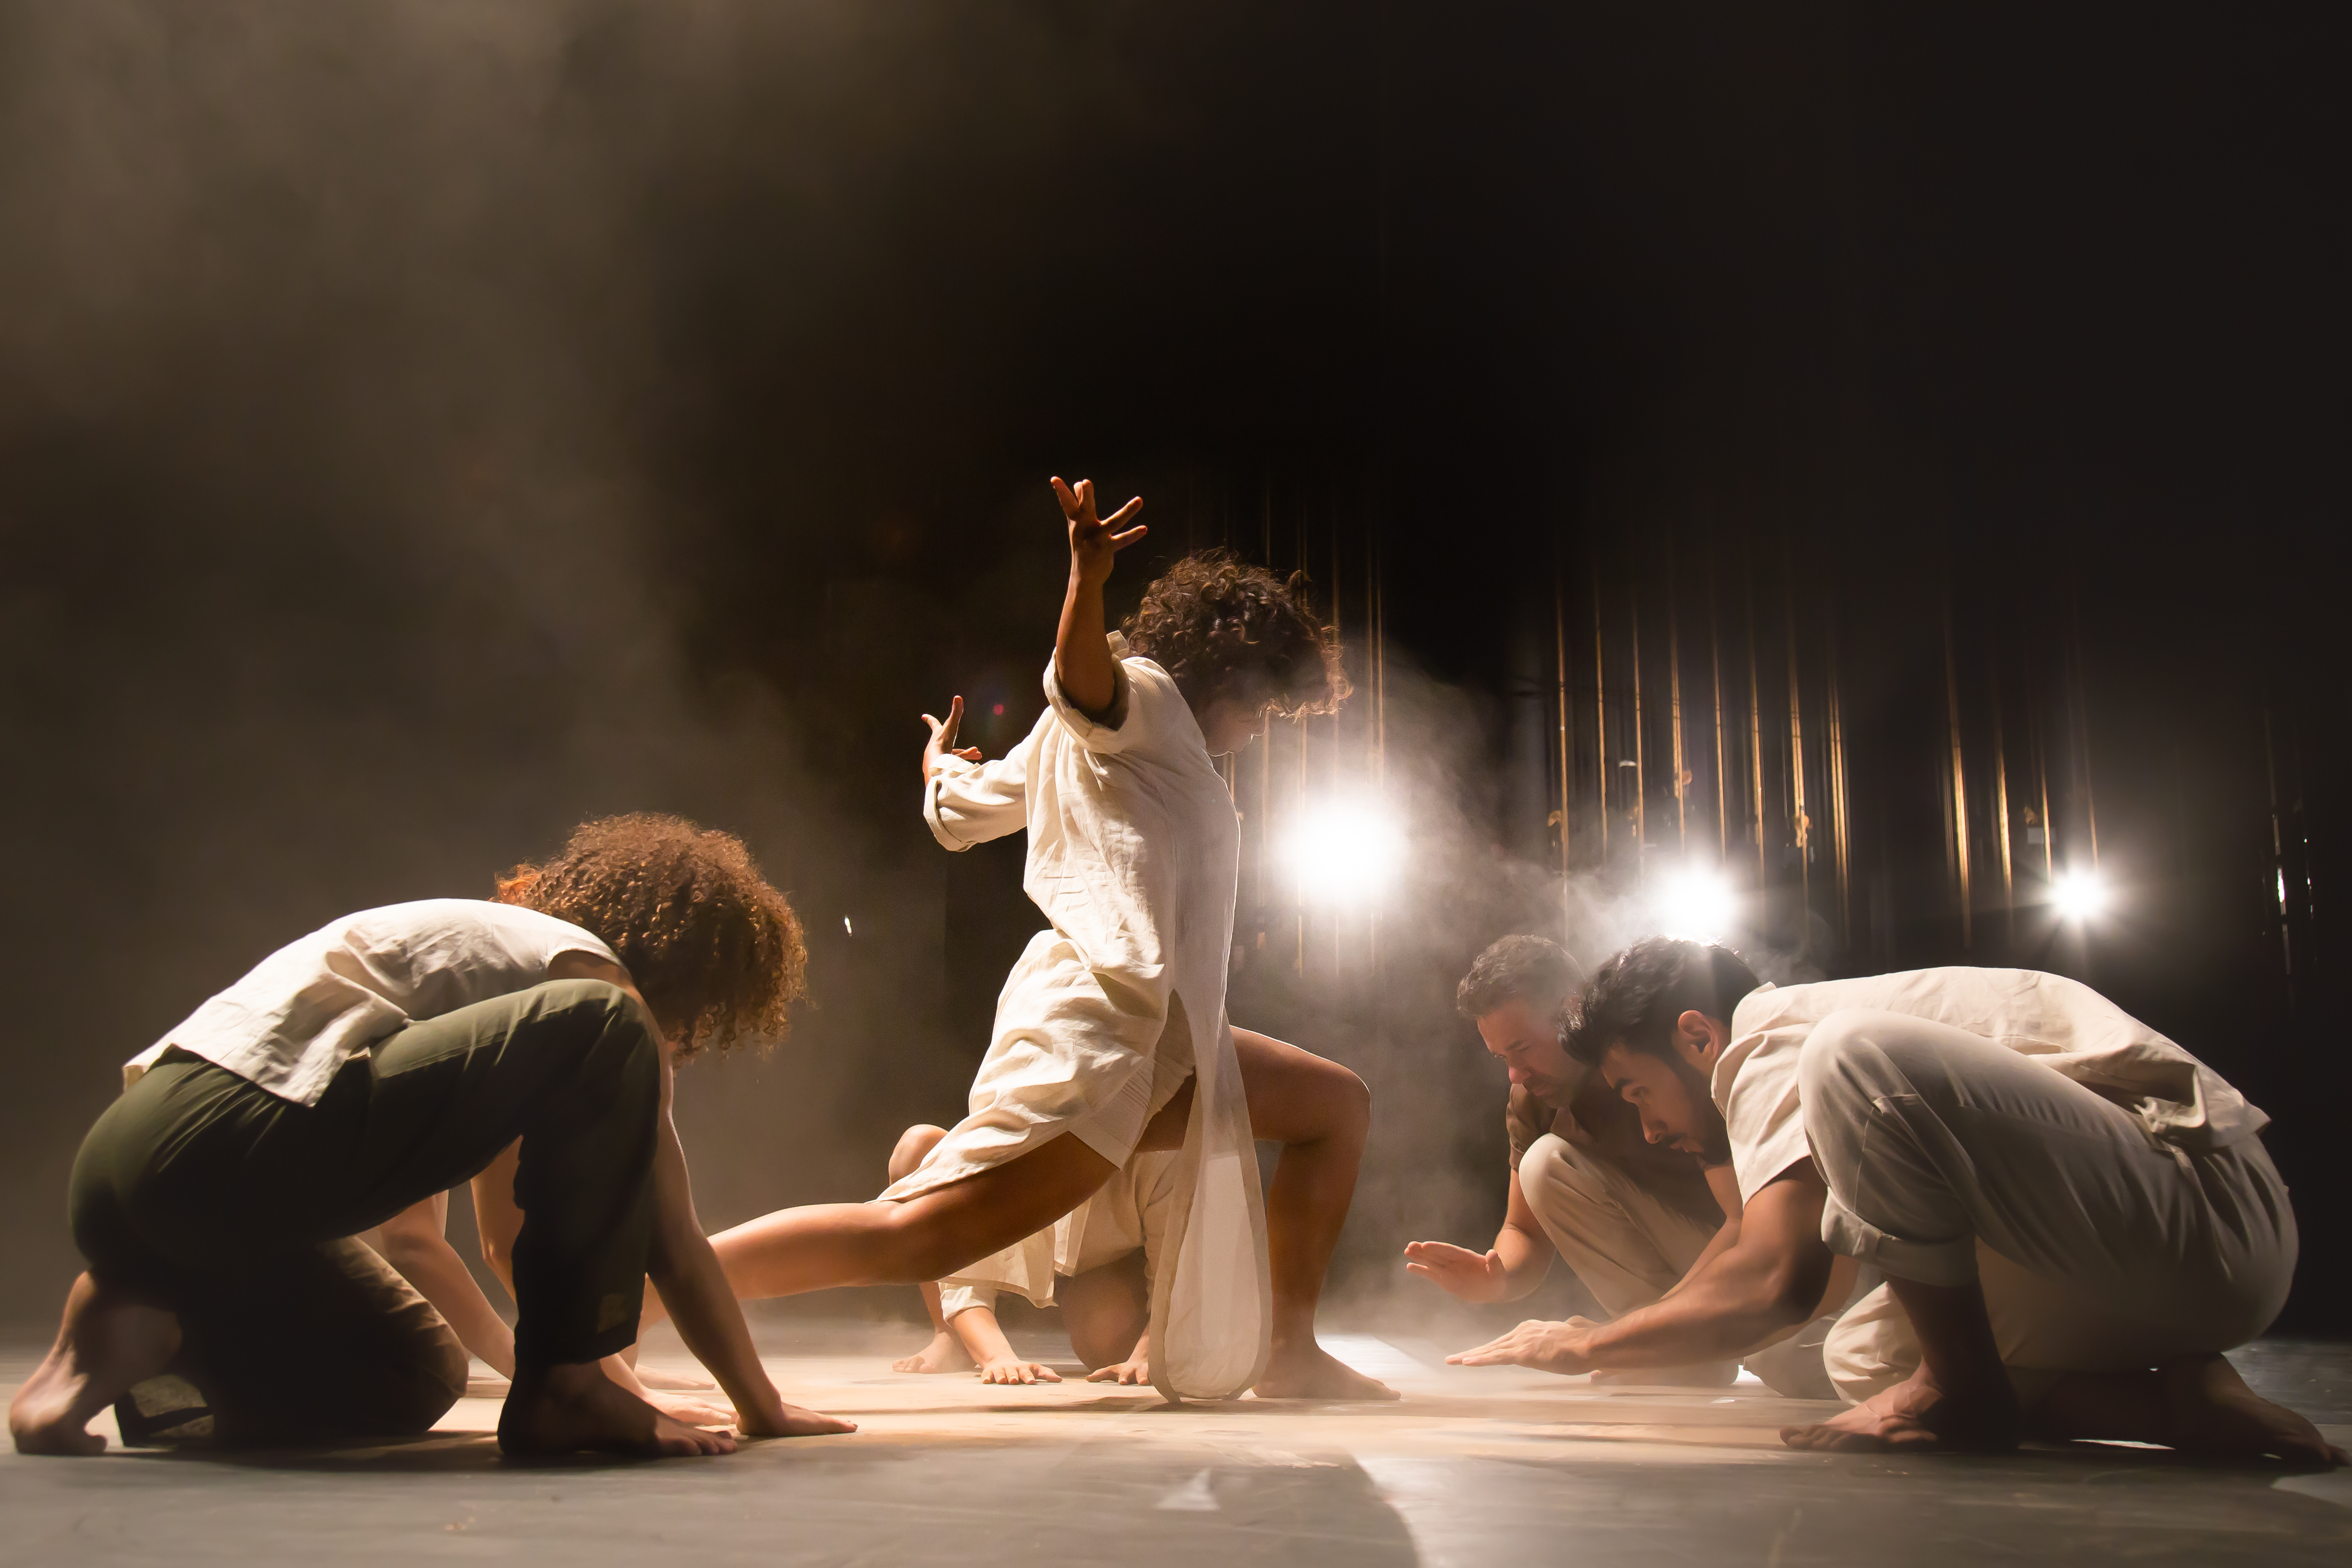 Espetáculo Poracê por Franciella Cavalheri